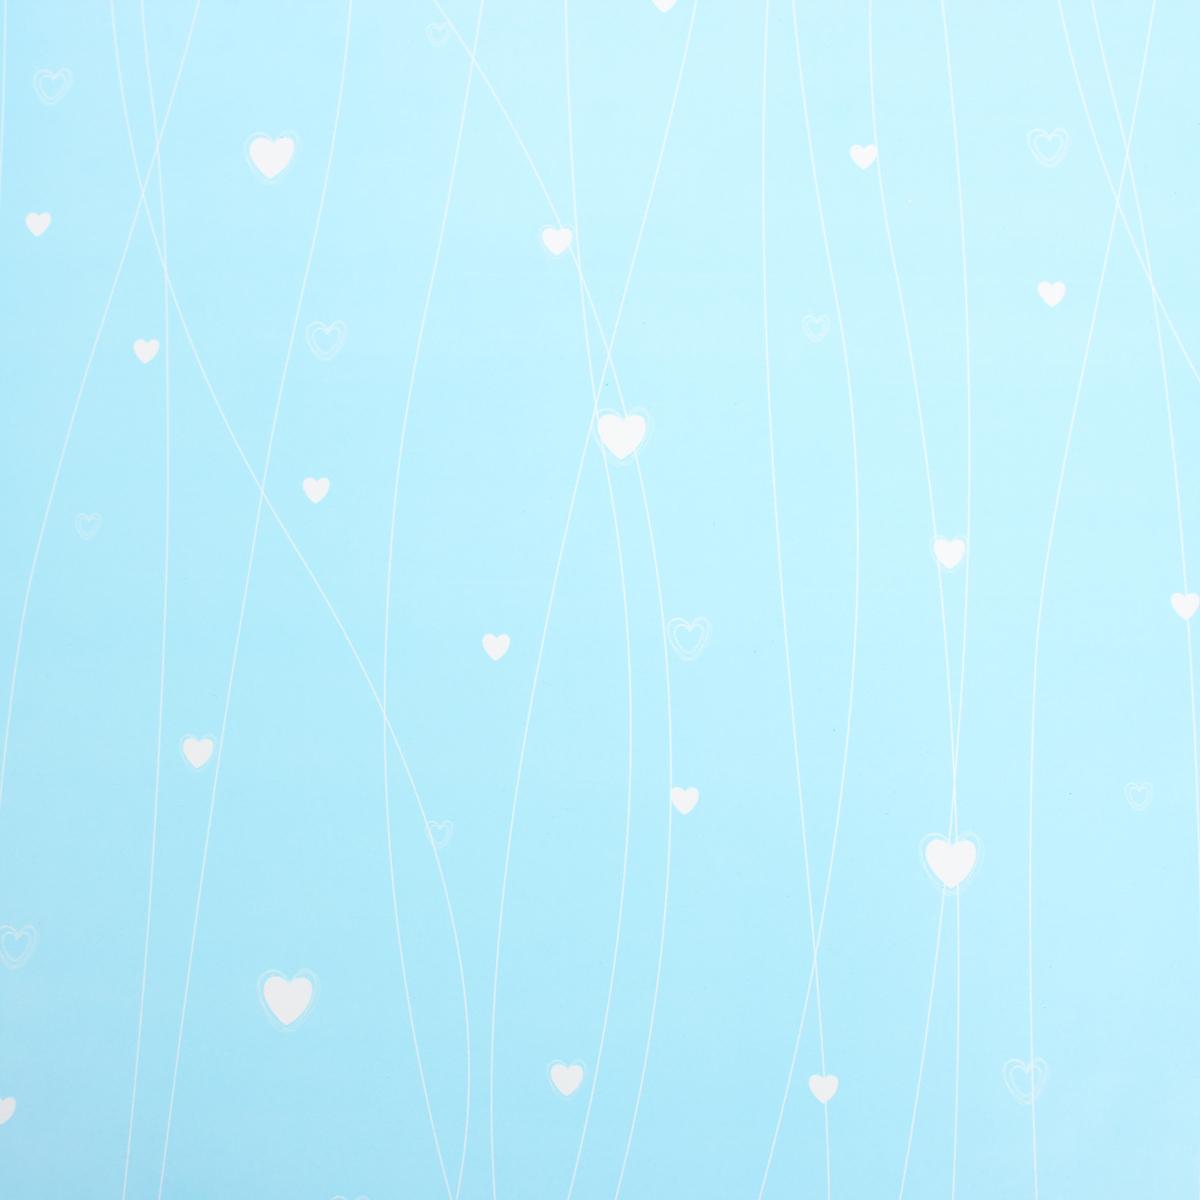 """Любой подарок начинается с упаковки. Что может быть трогательнее и волшебнее, чем ритуал разворачивания полученного презента. И именно оригинальная, со вкусом выбранная упаковка выделит ваш подарок из массы других. Она продемонстрирует самые тёплые чувства к виновнику торжества и создаст сказочную атмосферу праздника. Бумага упаковочная """"Сердечки"""", цвет голубой, 50 см х 70 см — это то, что вы искали."""